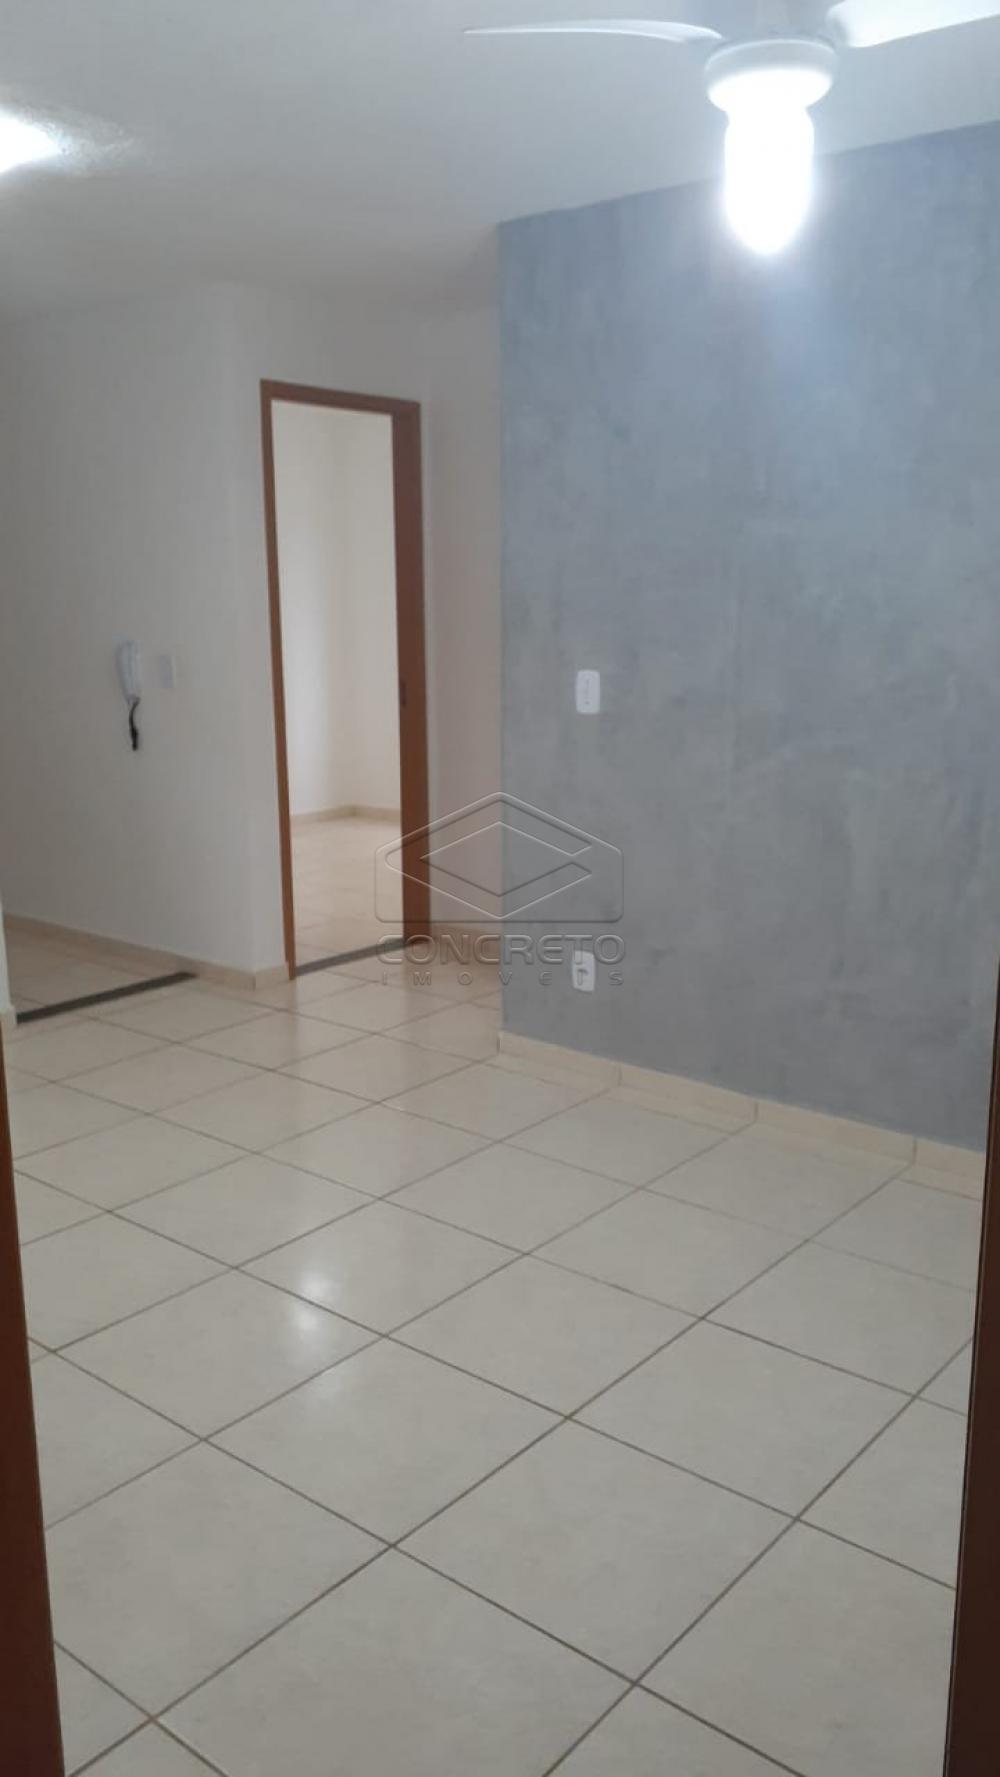 Alugar Apartamento / Padrão em Bauru R$ 790,00 - Foto 5